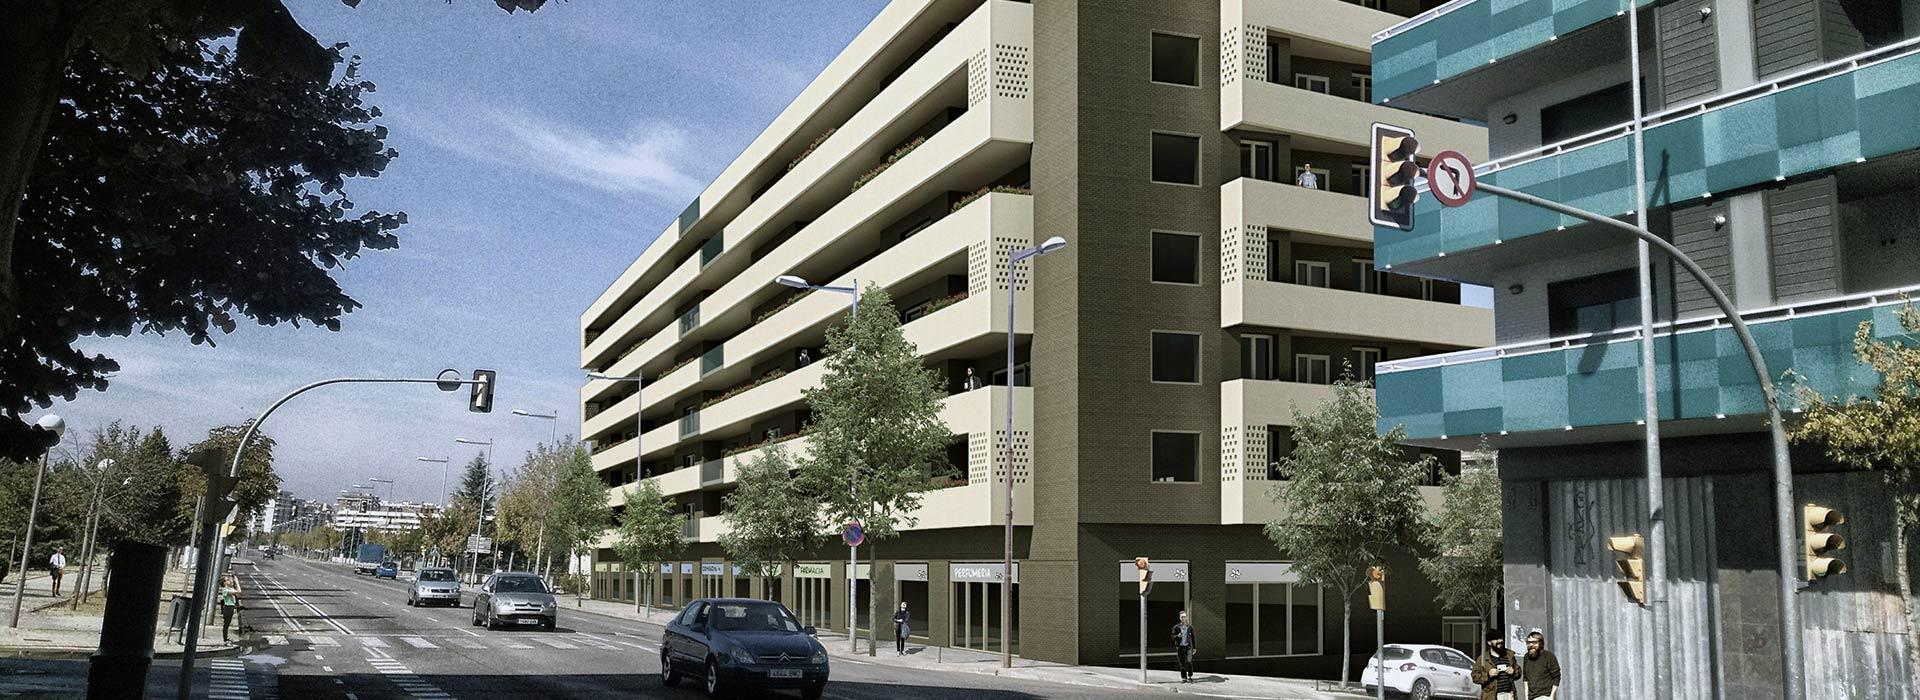 Comprar piso en Lleida